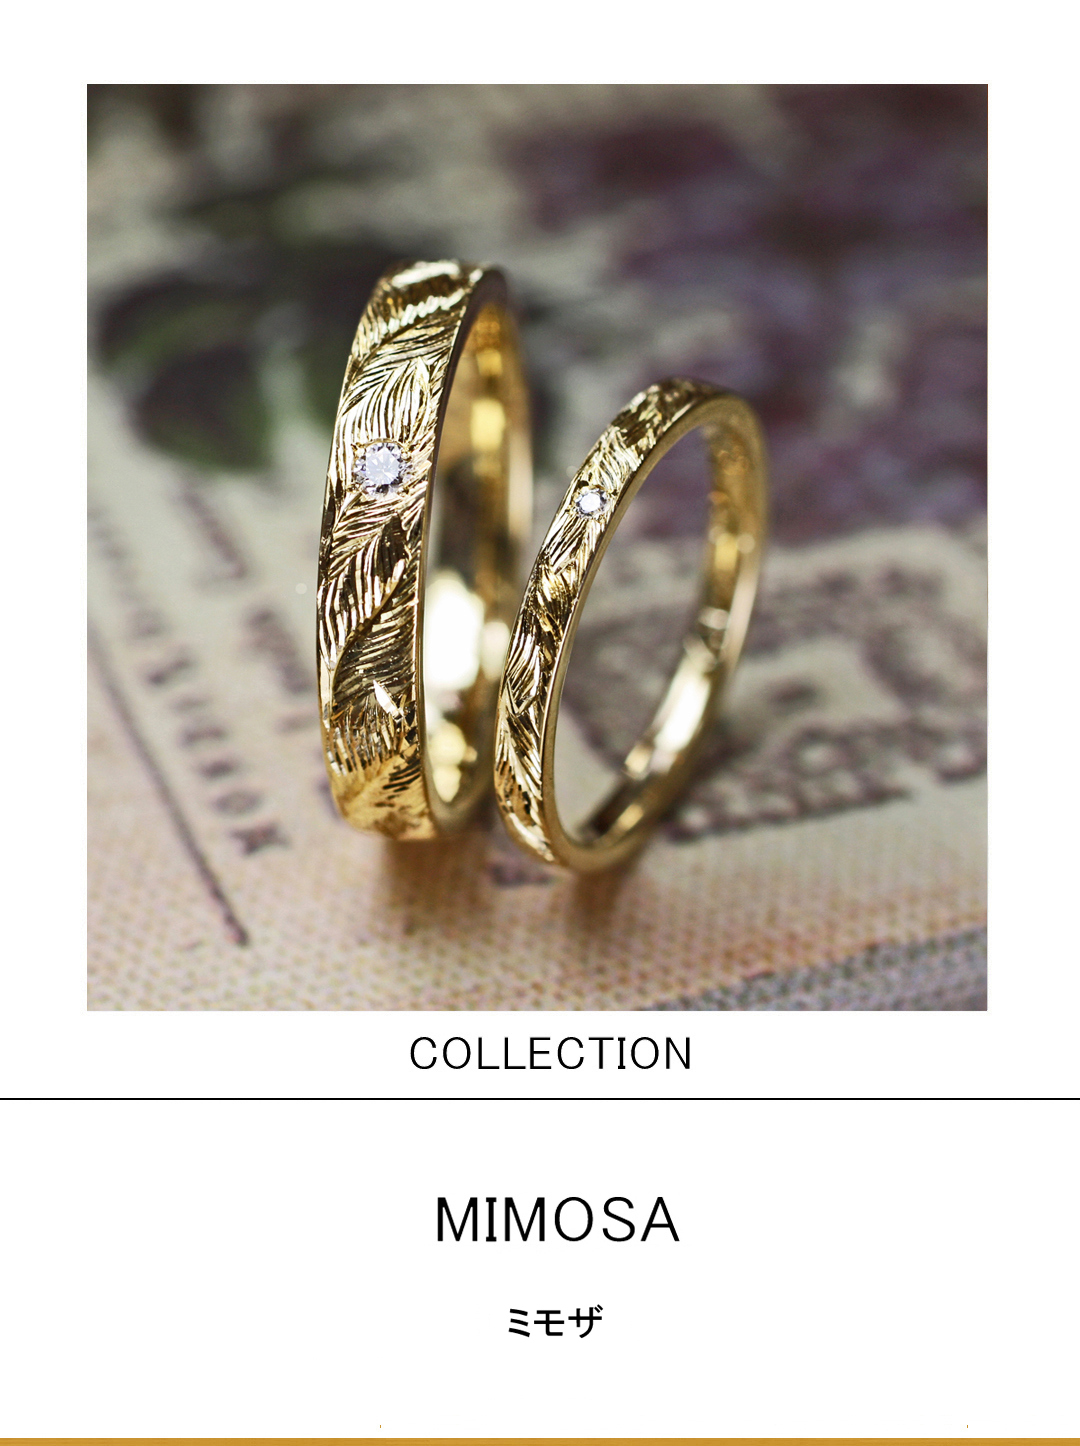 ミモザ・葉脈の模様が全面にキラキラ煌くゴールドの結婚指輪のサムネイル